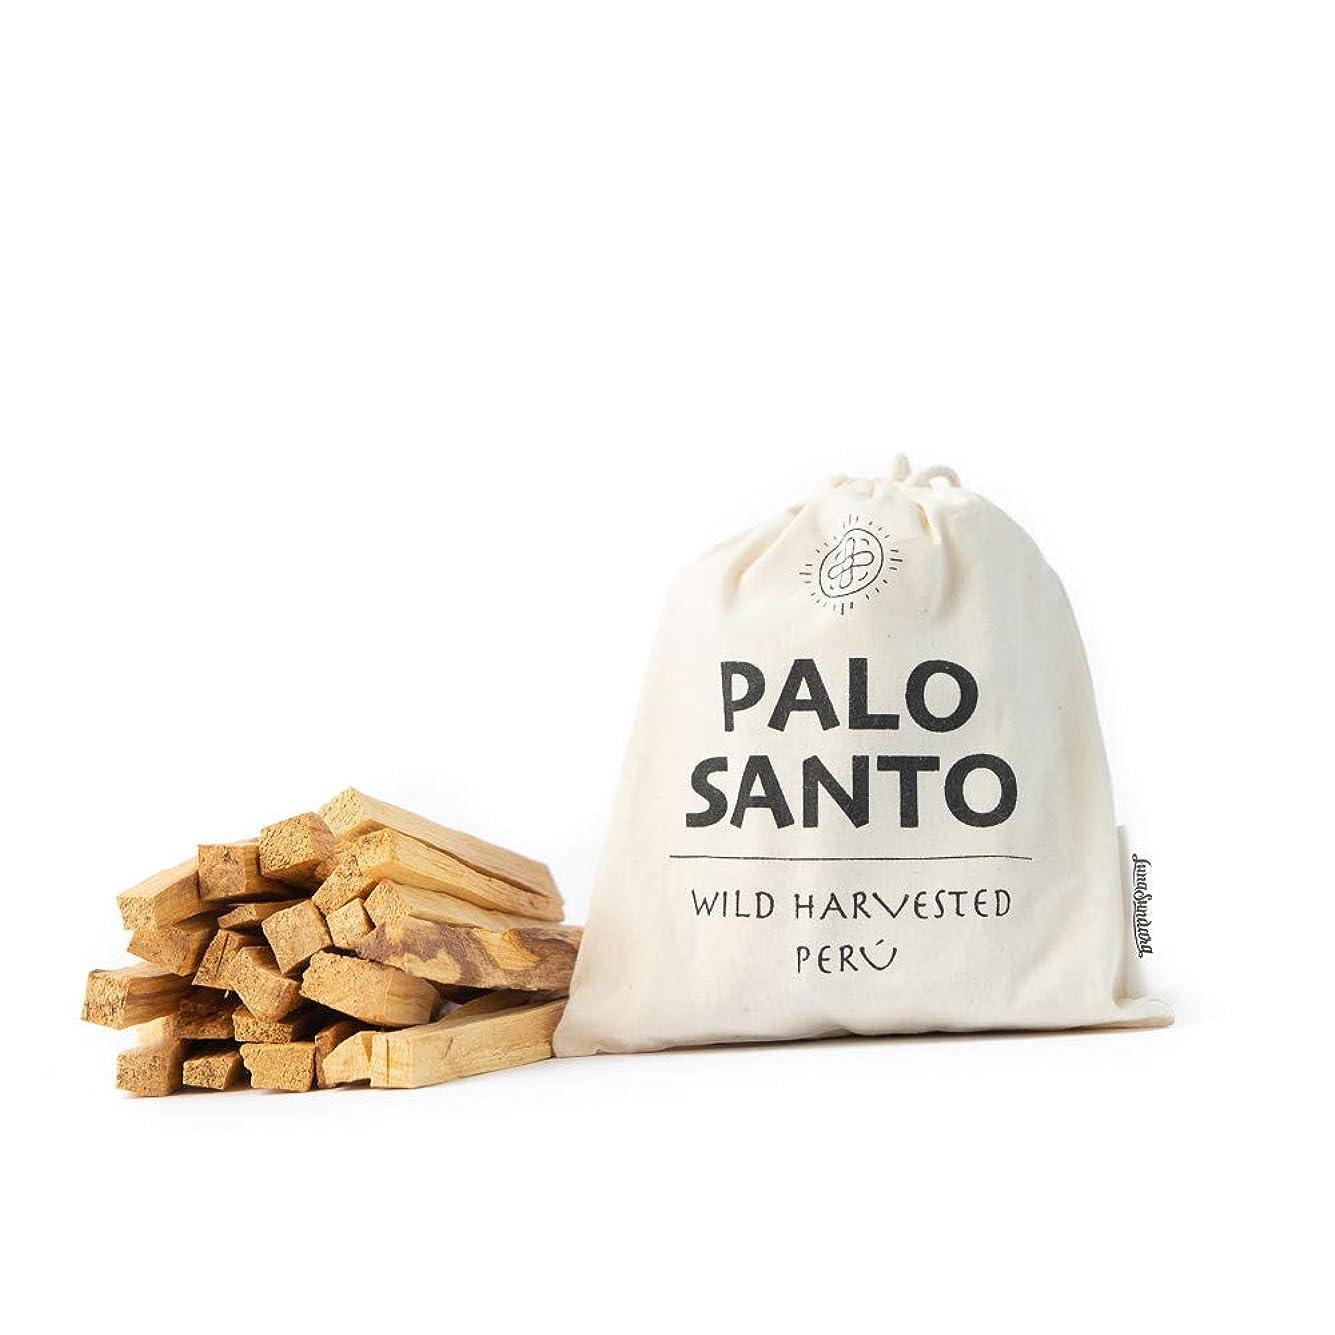 大モデレータ織るLuna Sundara Palo Santo Smudging Sticks Peru Sustainably Harvested Quality Hand Picked - 100グラム(約18-25スティック)